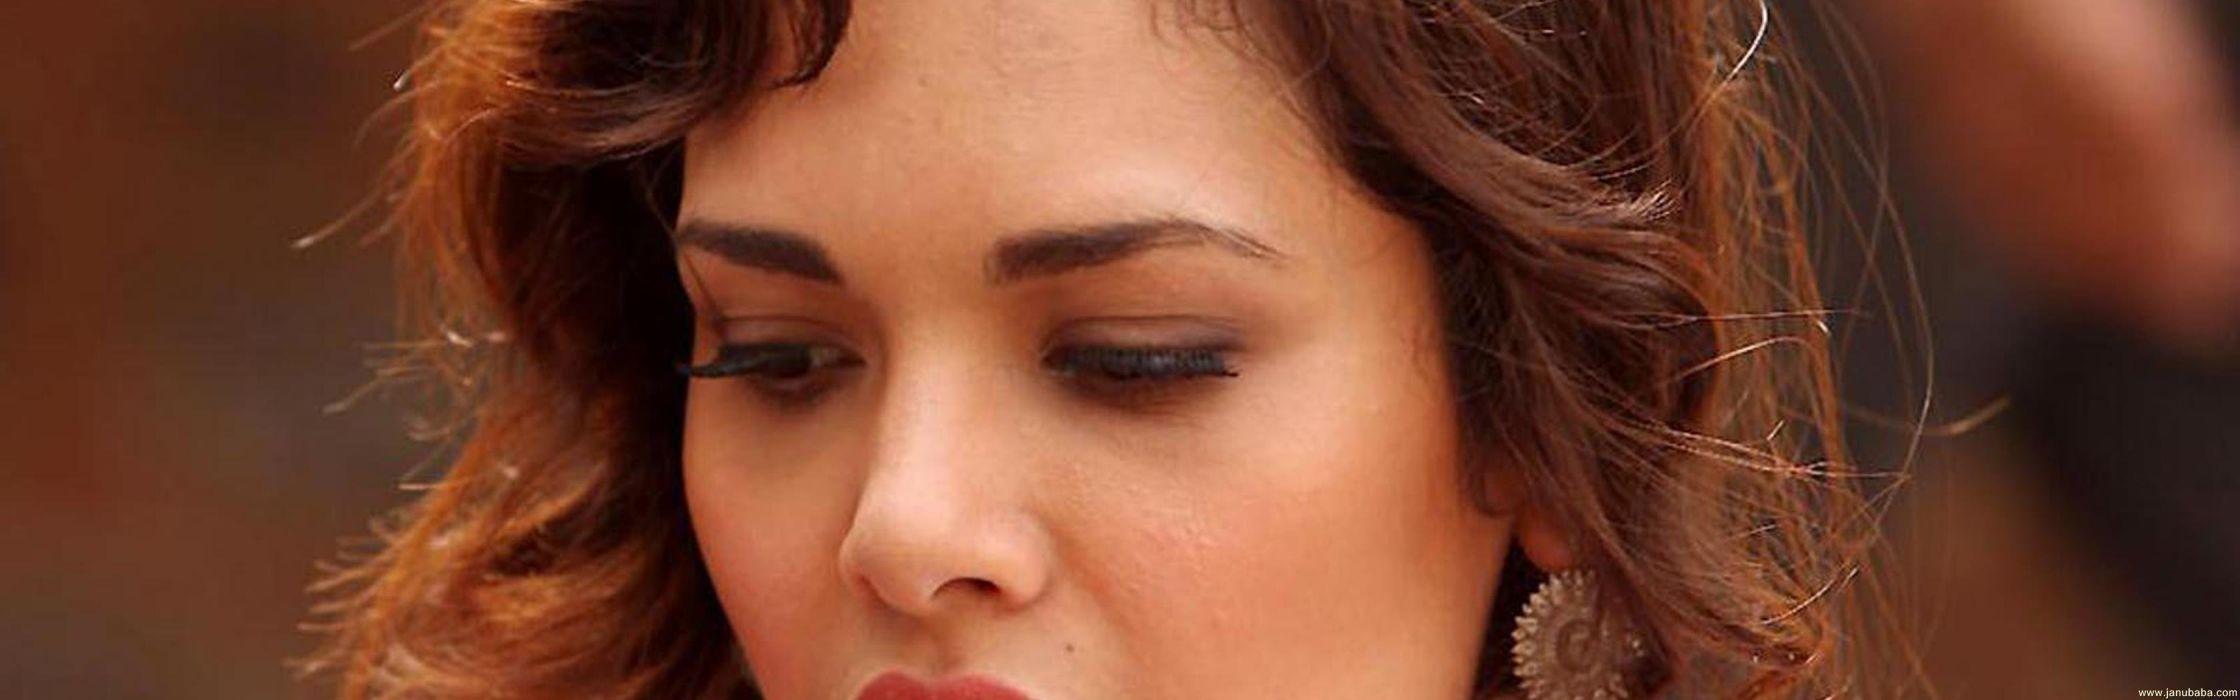 ESHA GUPTA indian actress bollywood model babe   ra wallpaper